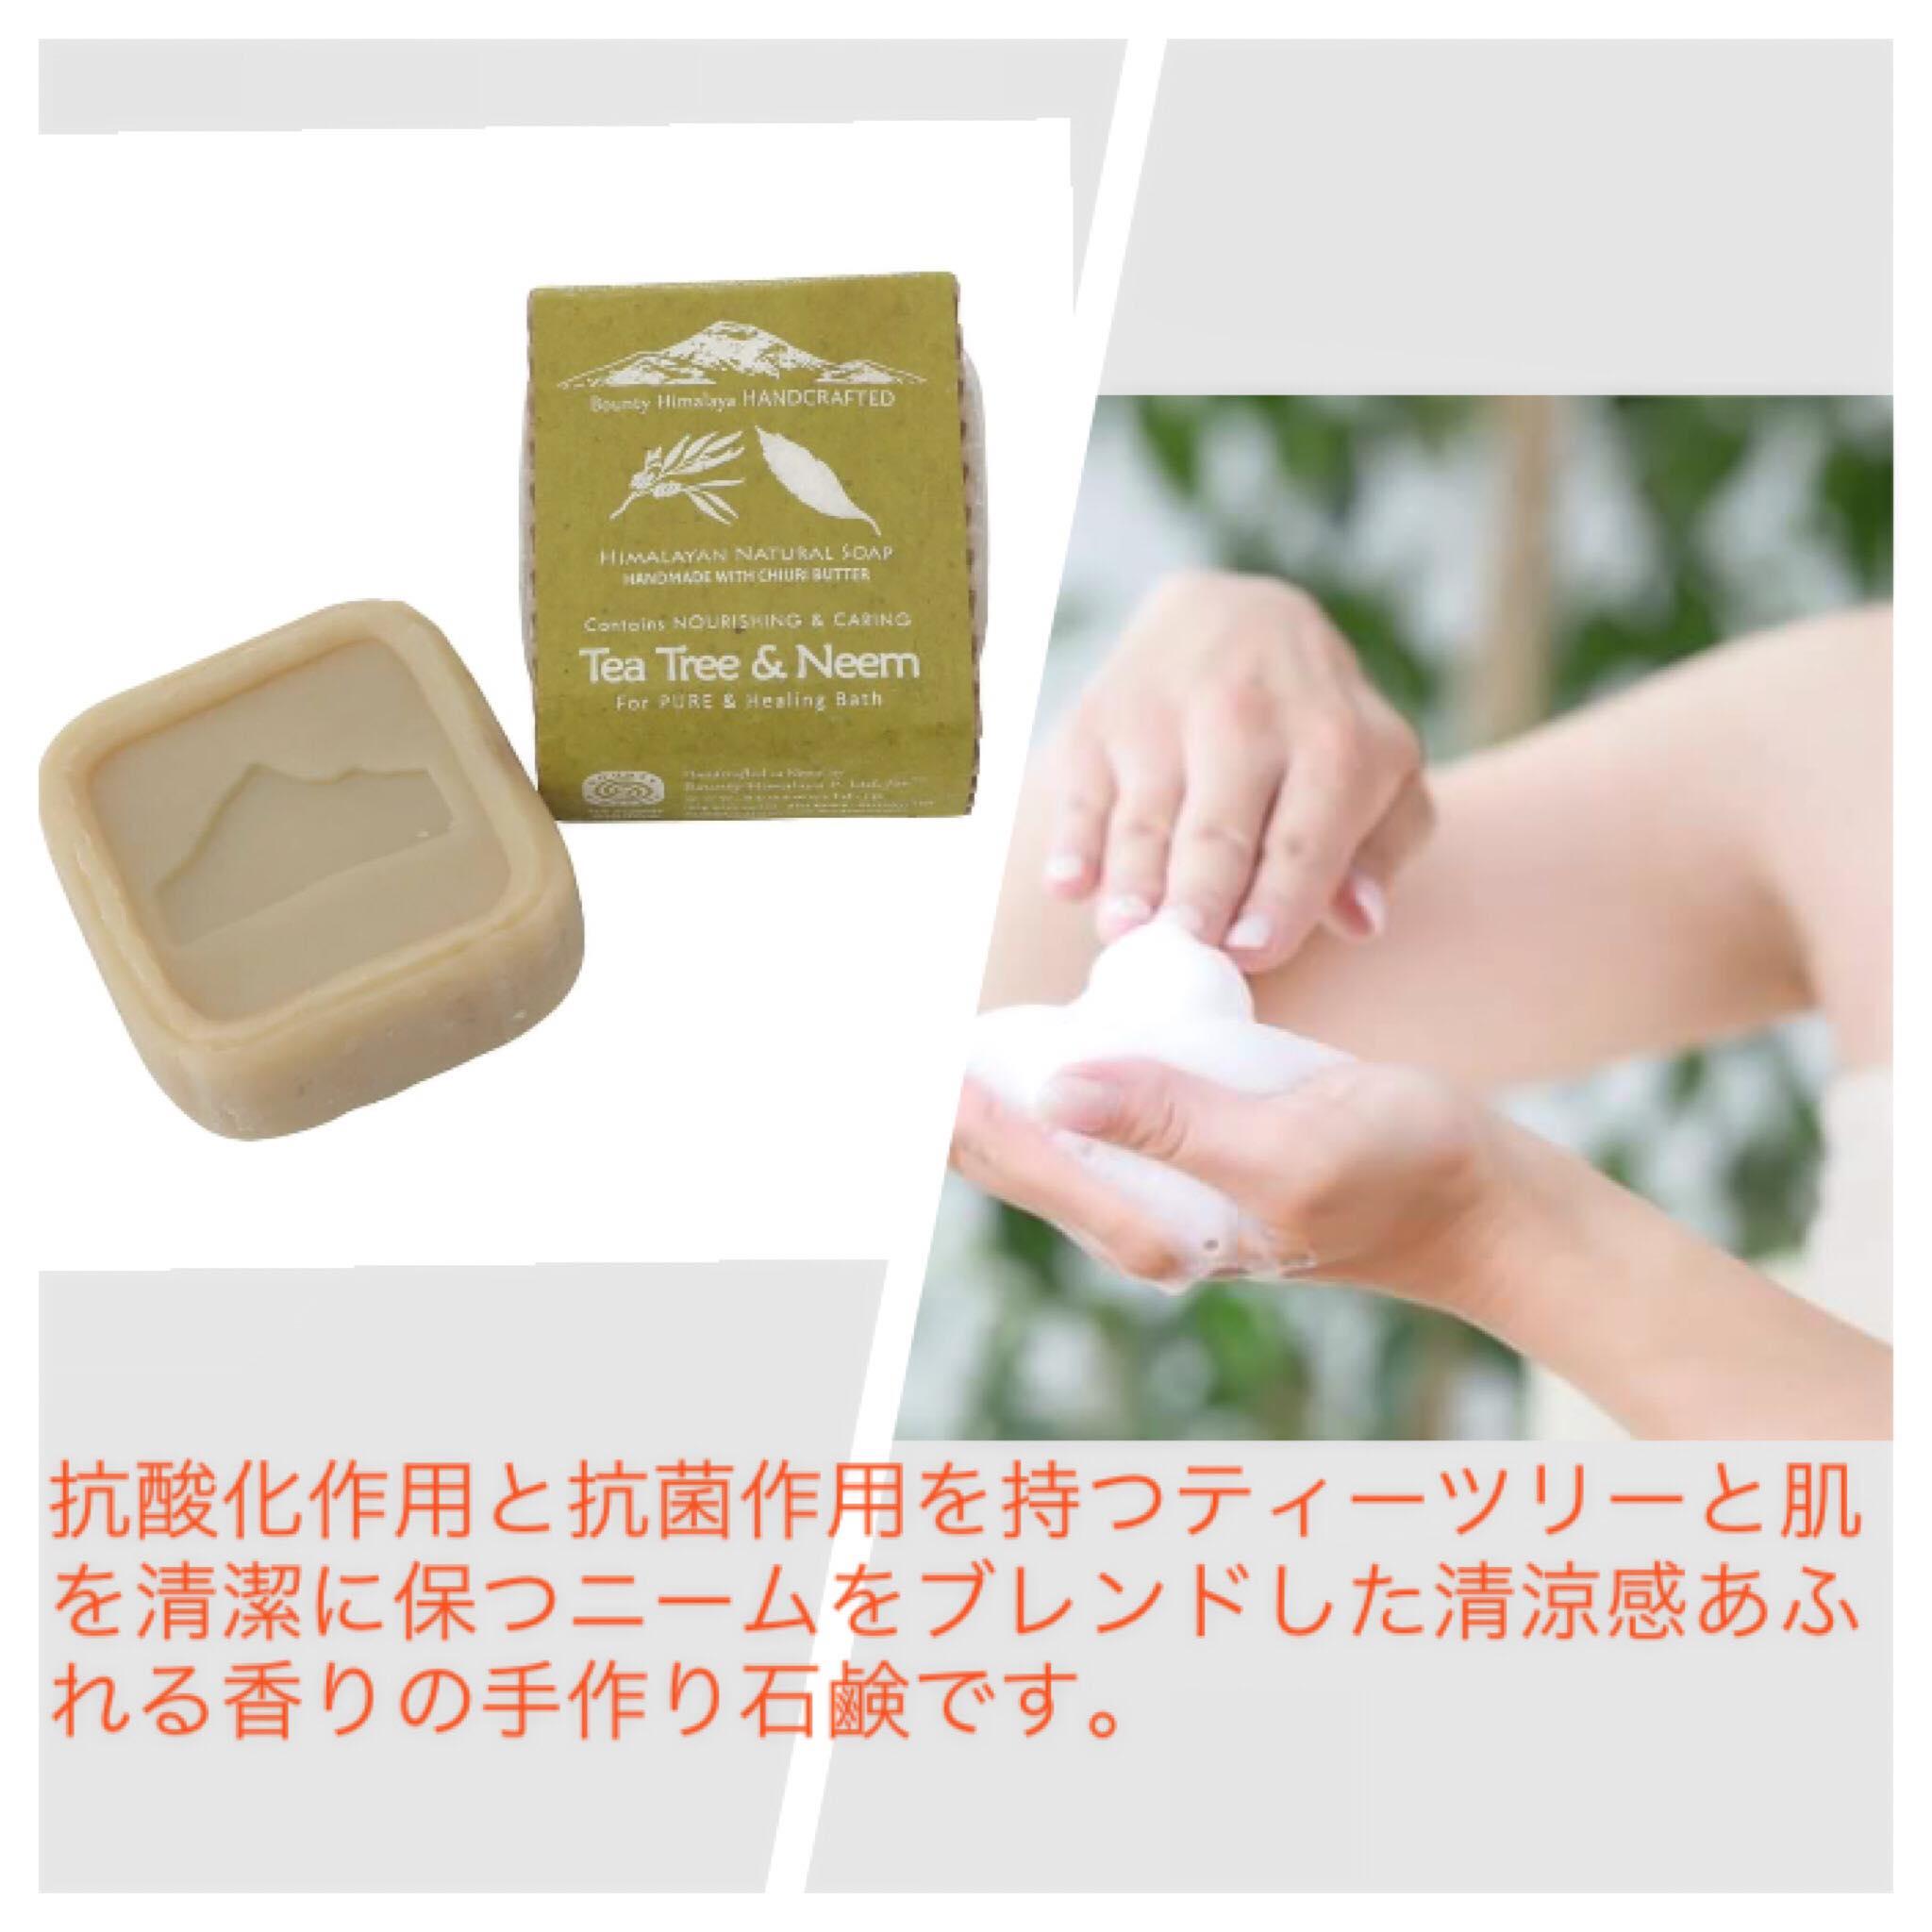 100%天然植物由来。敏感肌やアトピーでお悩みの方からも大人気の「ティーツリー&ニーム石鹸」